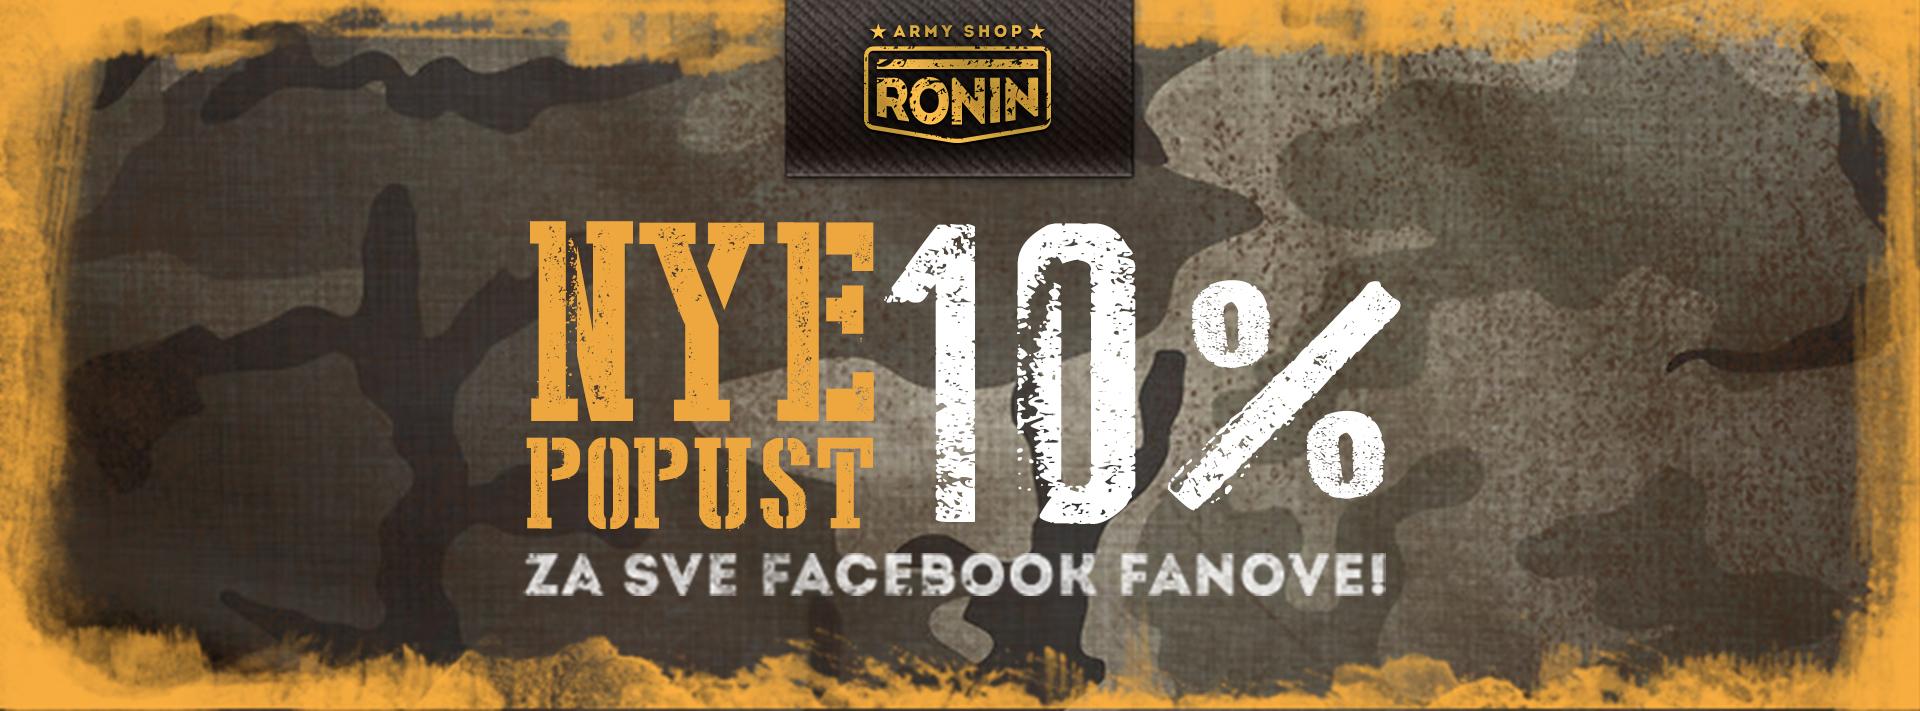 Dizajn facebook vizuala za Ronin army shop